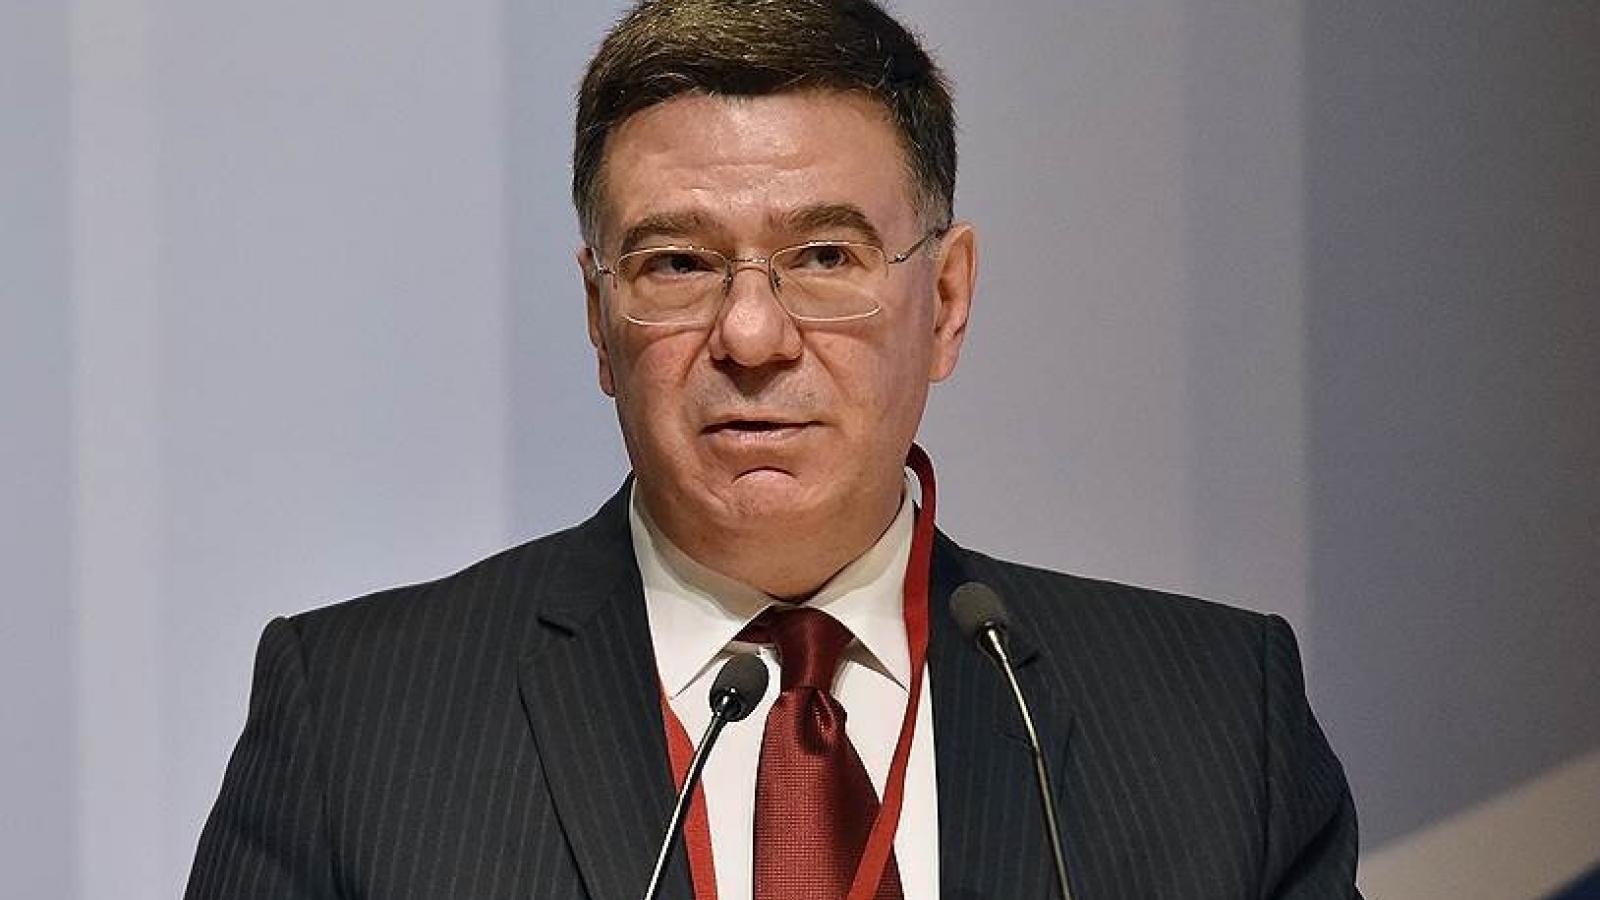 Nga đề xuất xóa nợ cho các nước nghèo và kém phát triển thời Covid-19